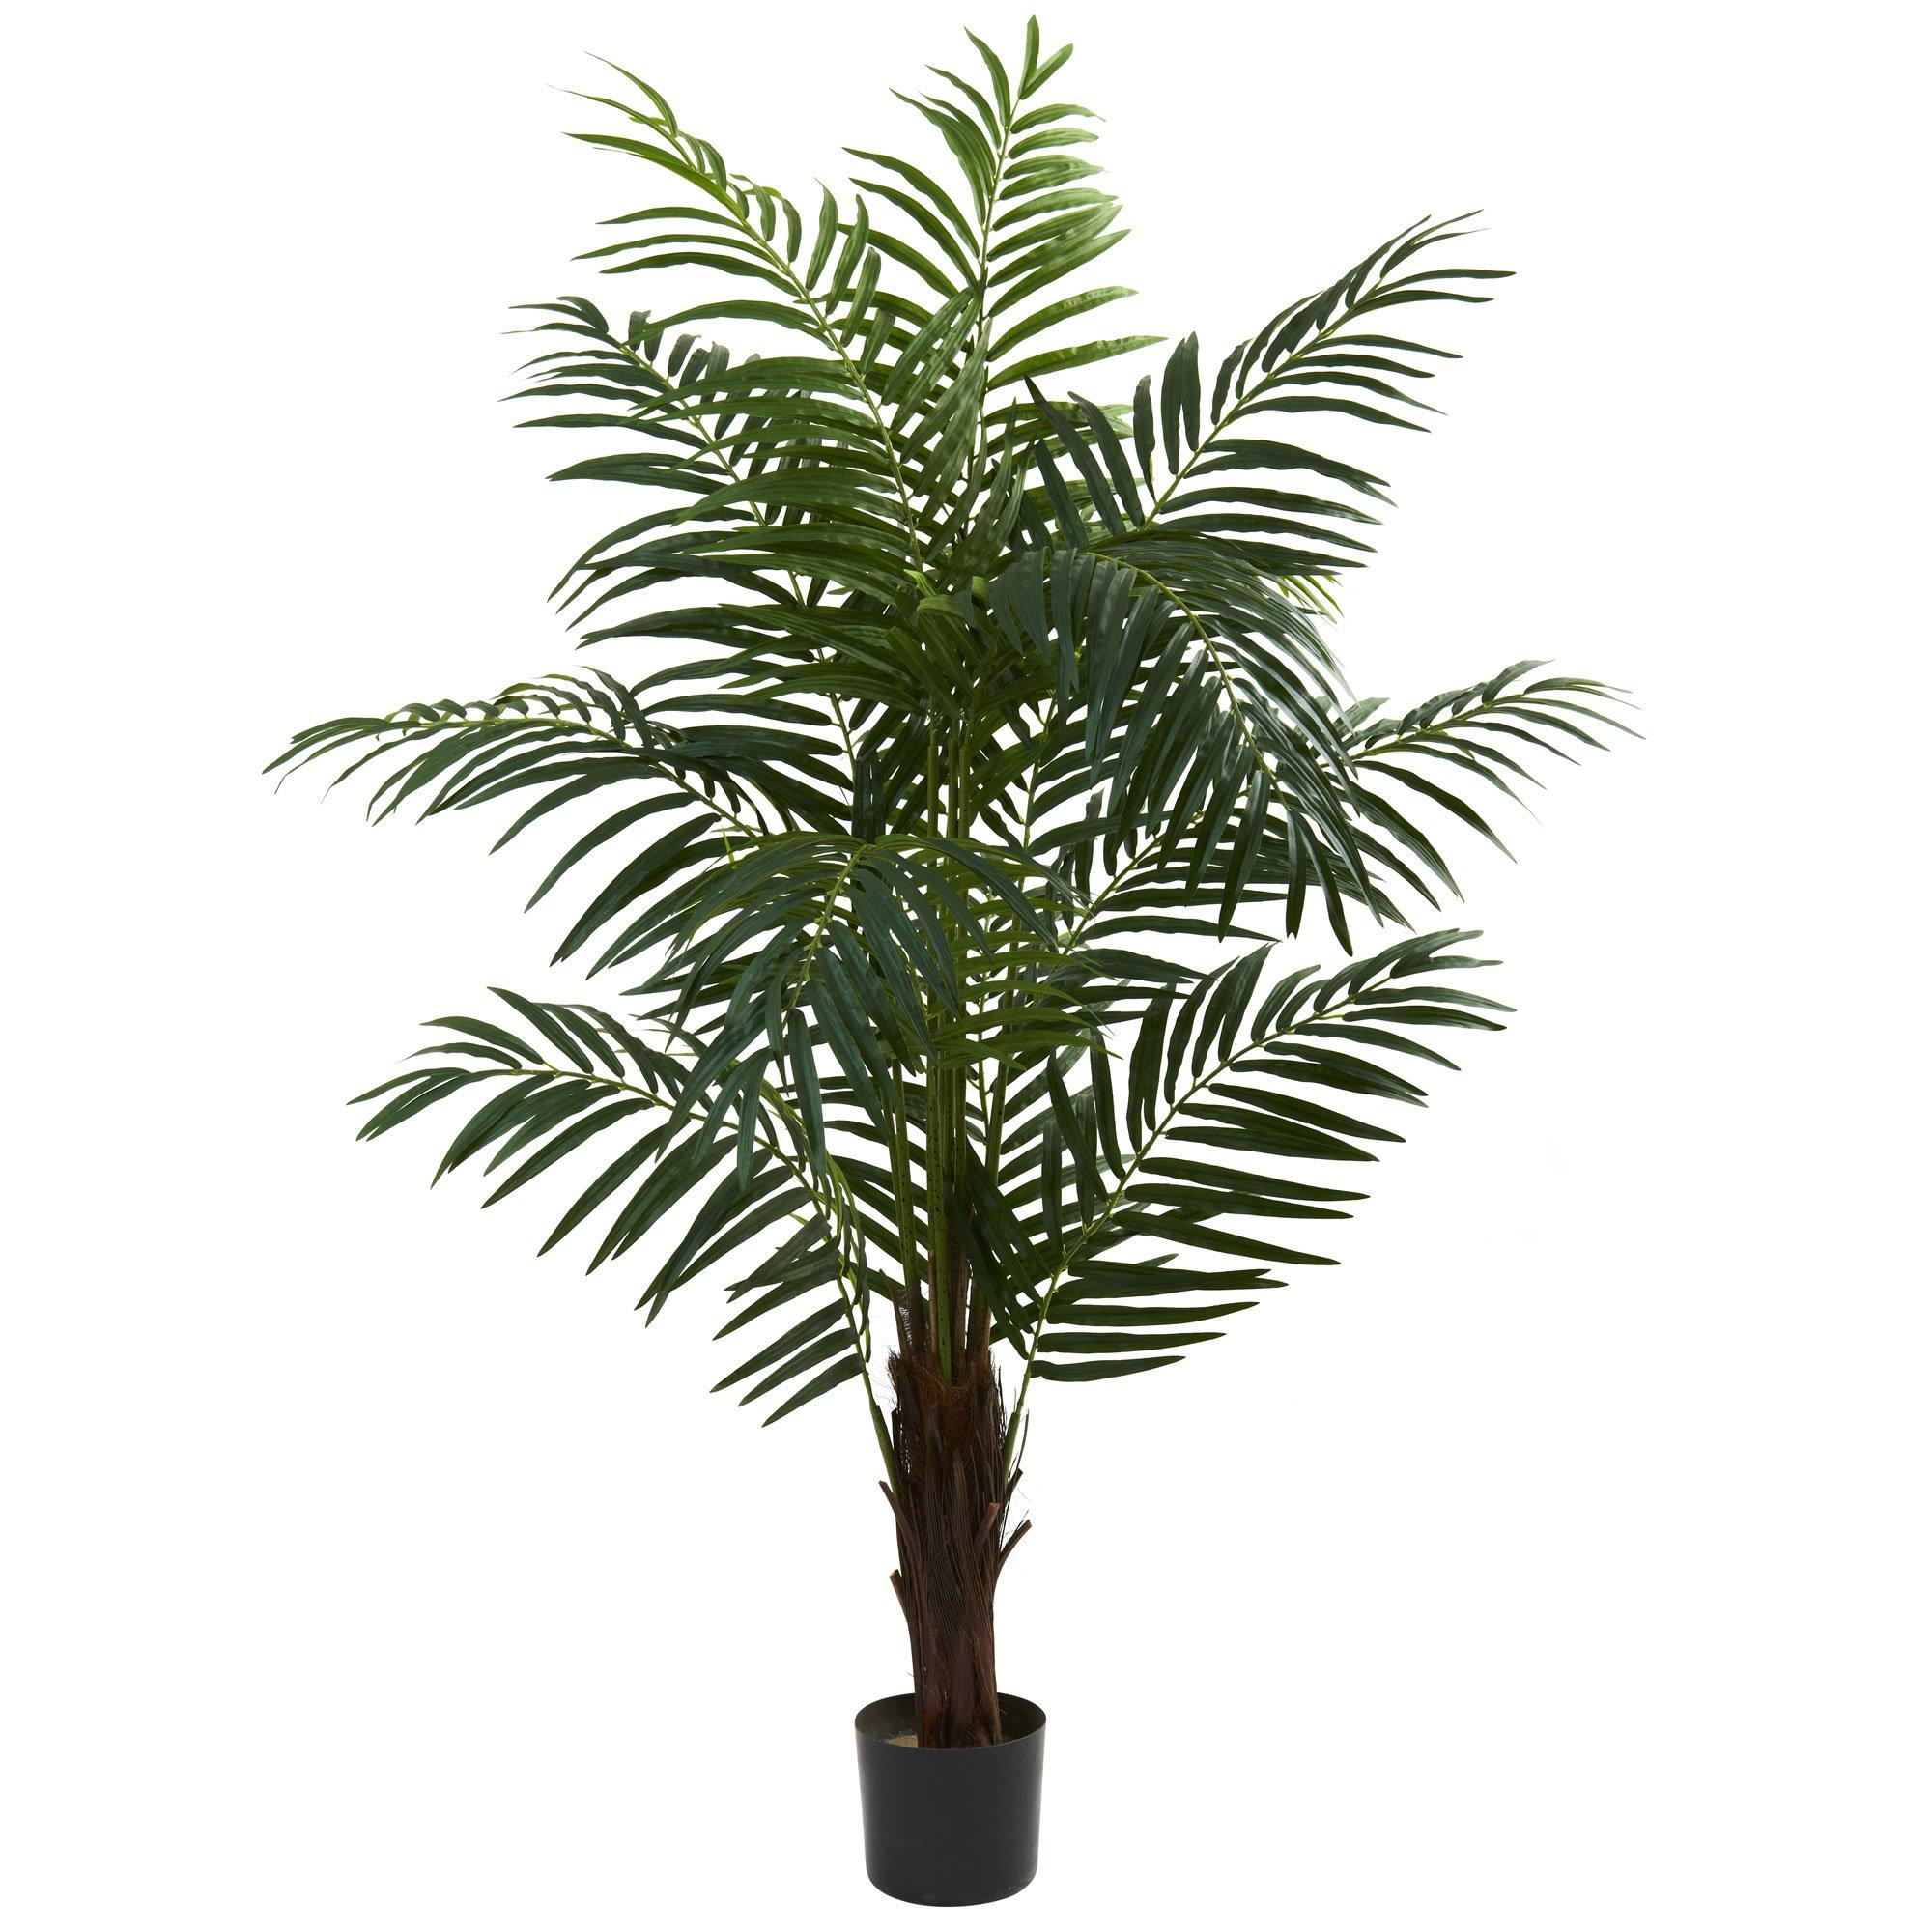 Nearly Natural 5416 Areca Palm Tree, 5-Feet, Green